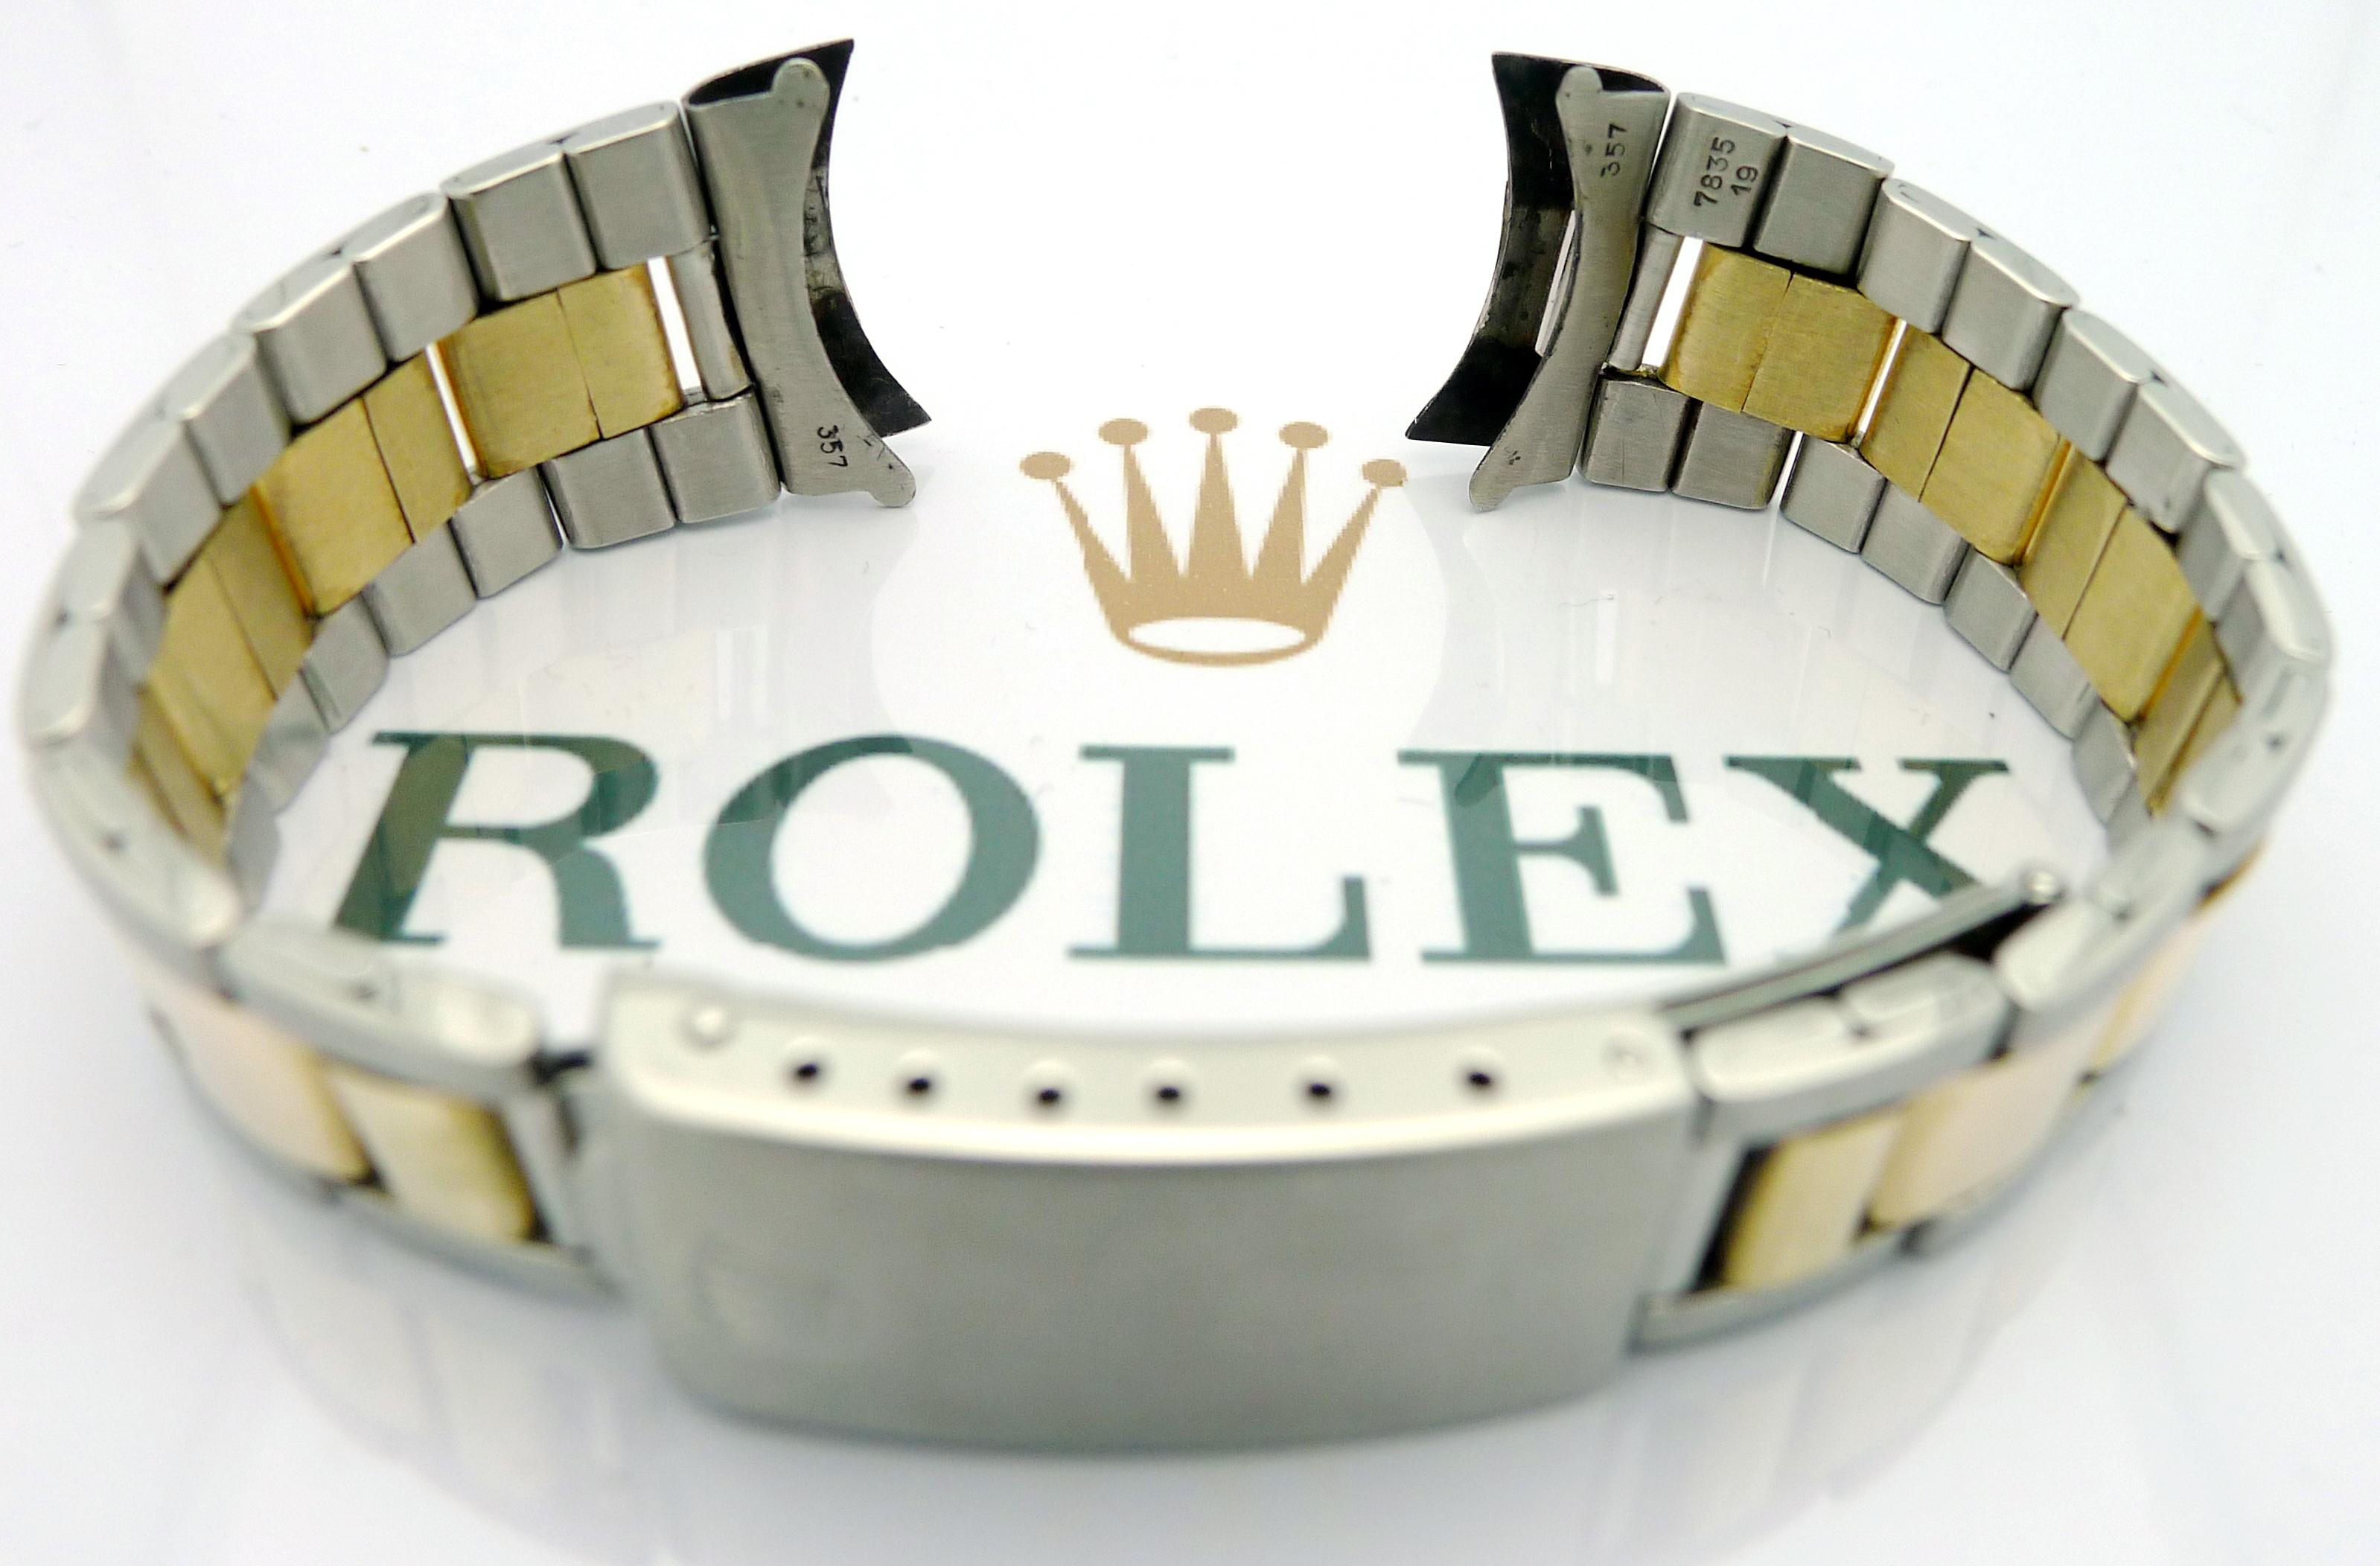 rolex oyster stahl gold armband ref 7835 19 bandanst. Black Bedroom Furniture Sets. Home Design Ideas